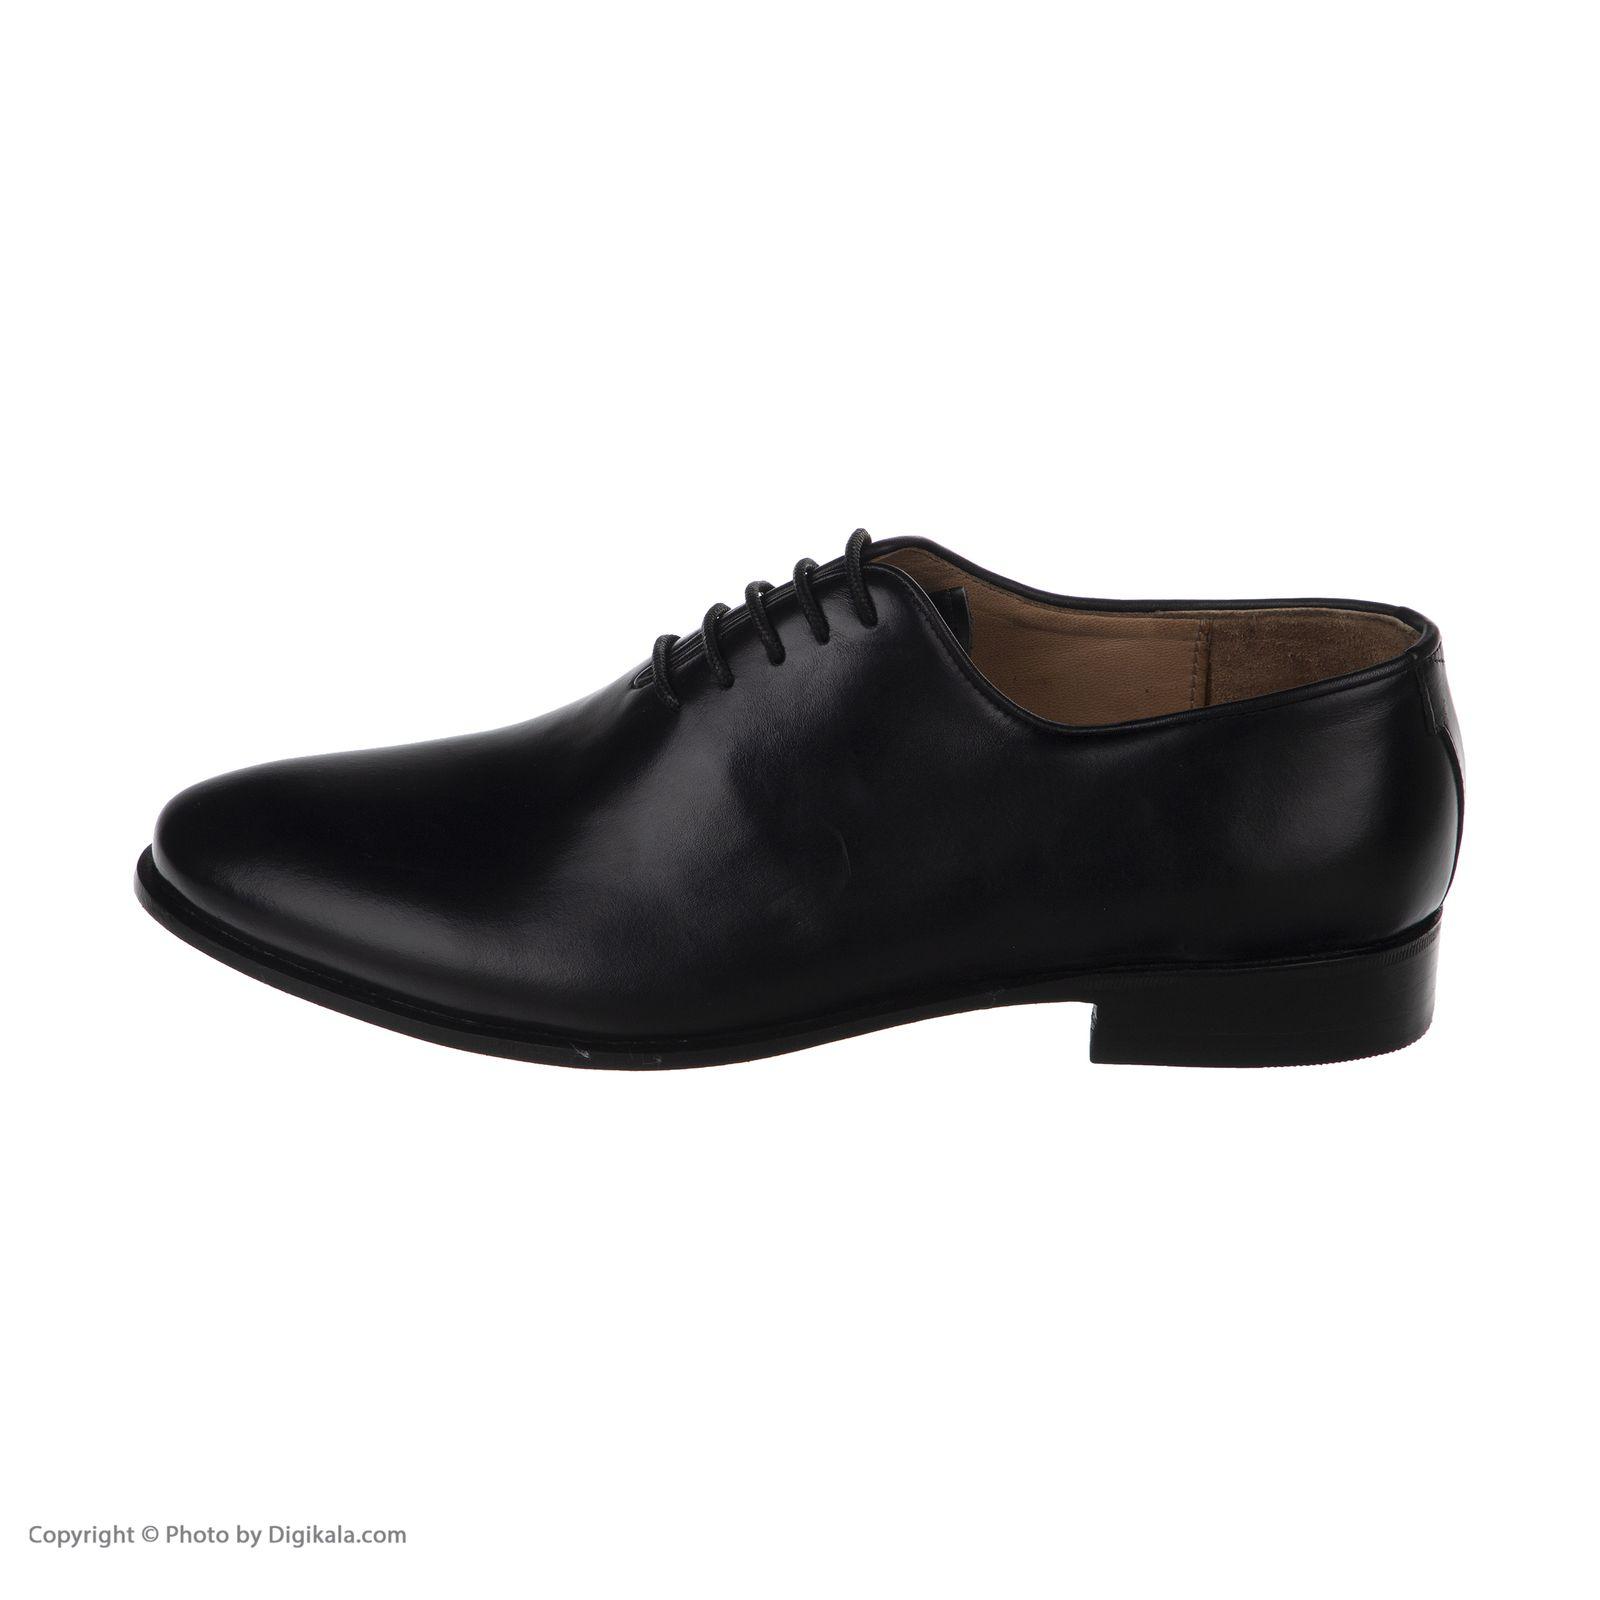 کفش مردانه دگرمان مدل 2101-101 -  - 2